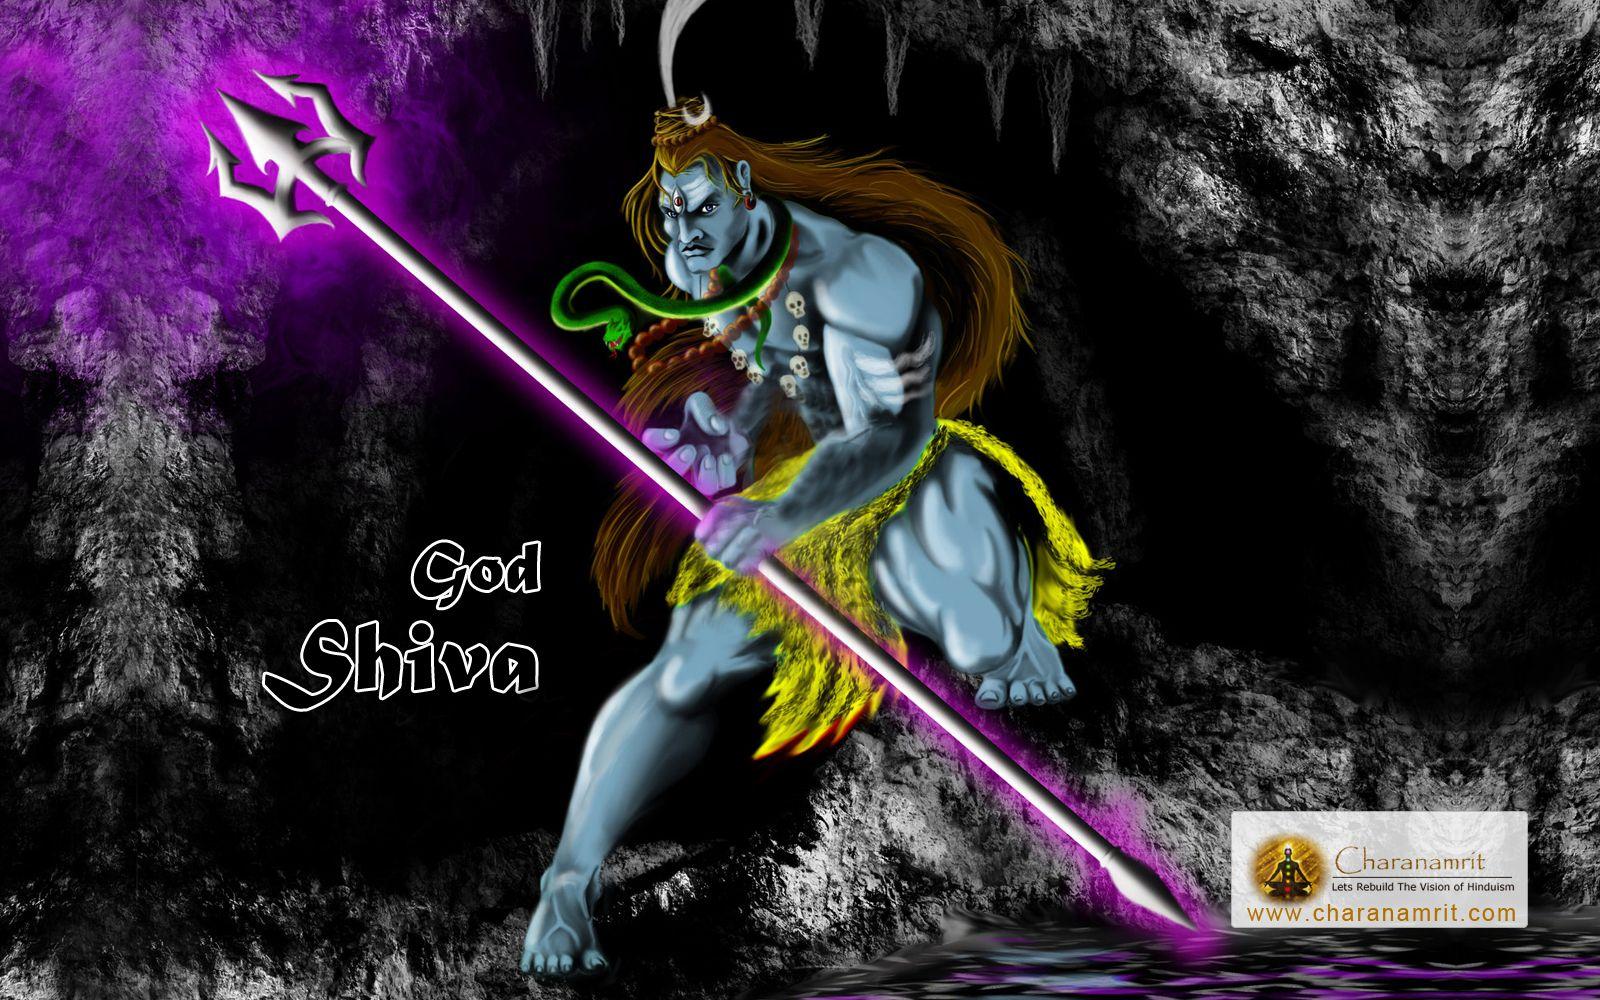 Simple Wallpaper Angry Shiva - 008d790e10398f9e4397e738da8266d0  Gallery_49875      .jpg